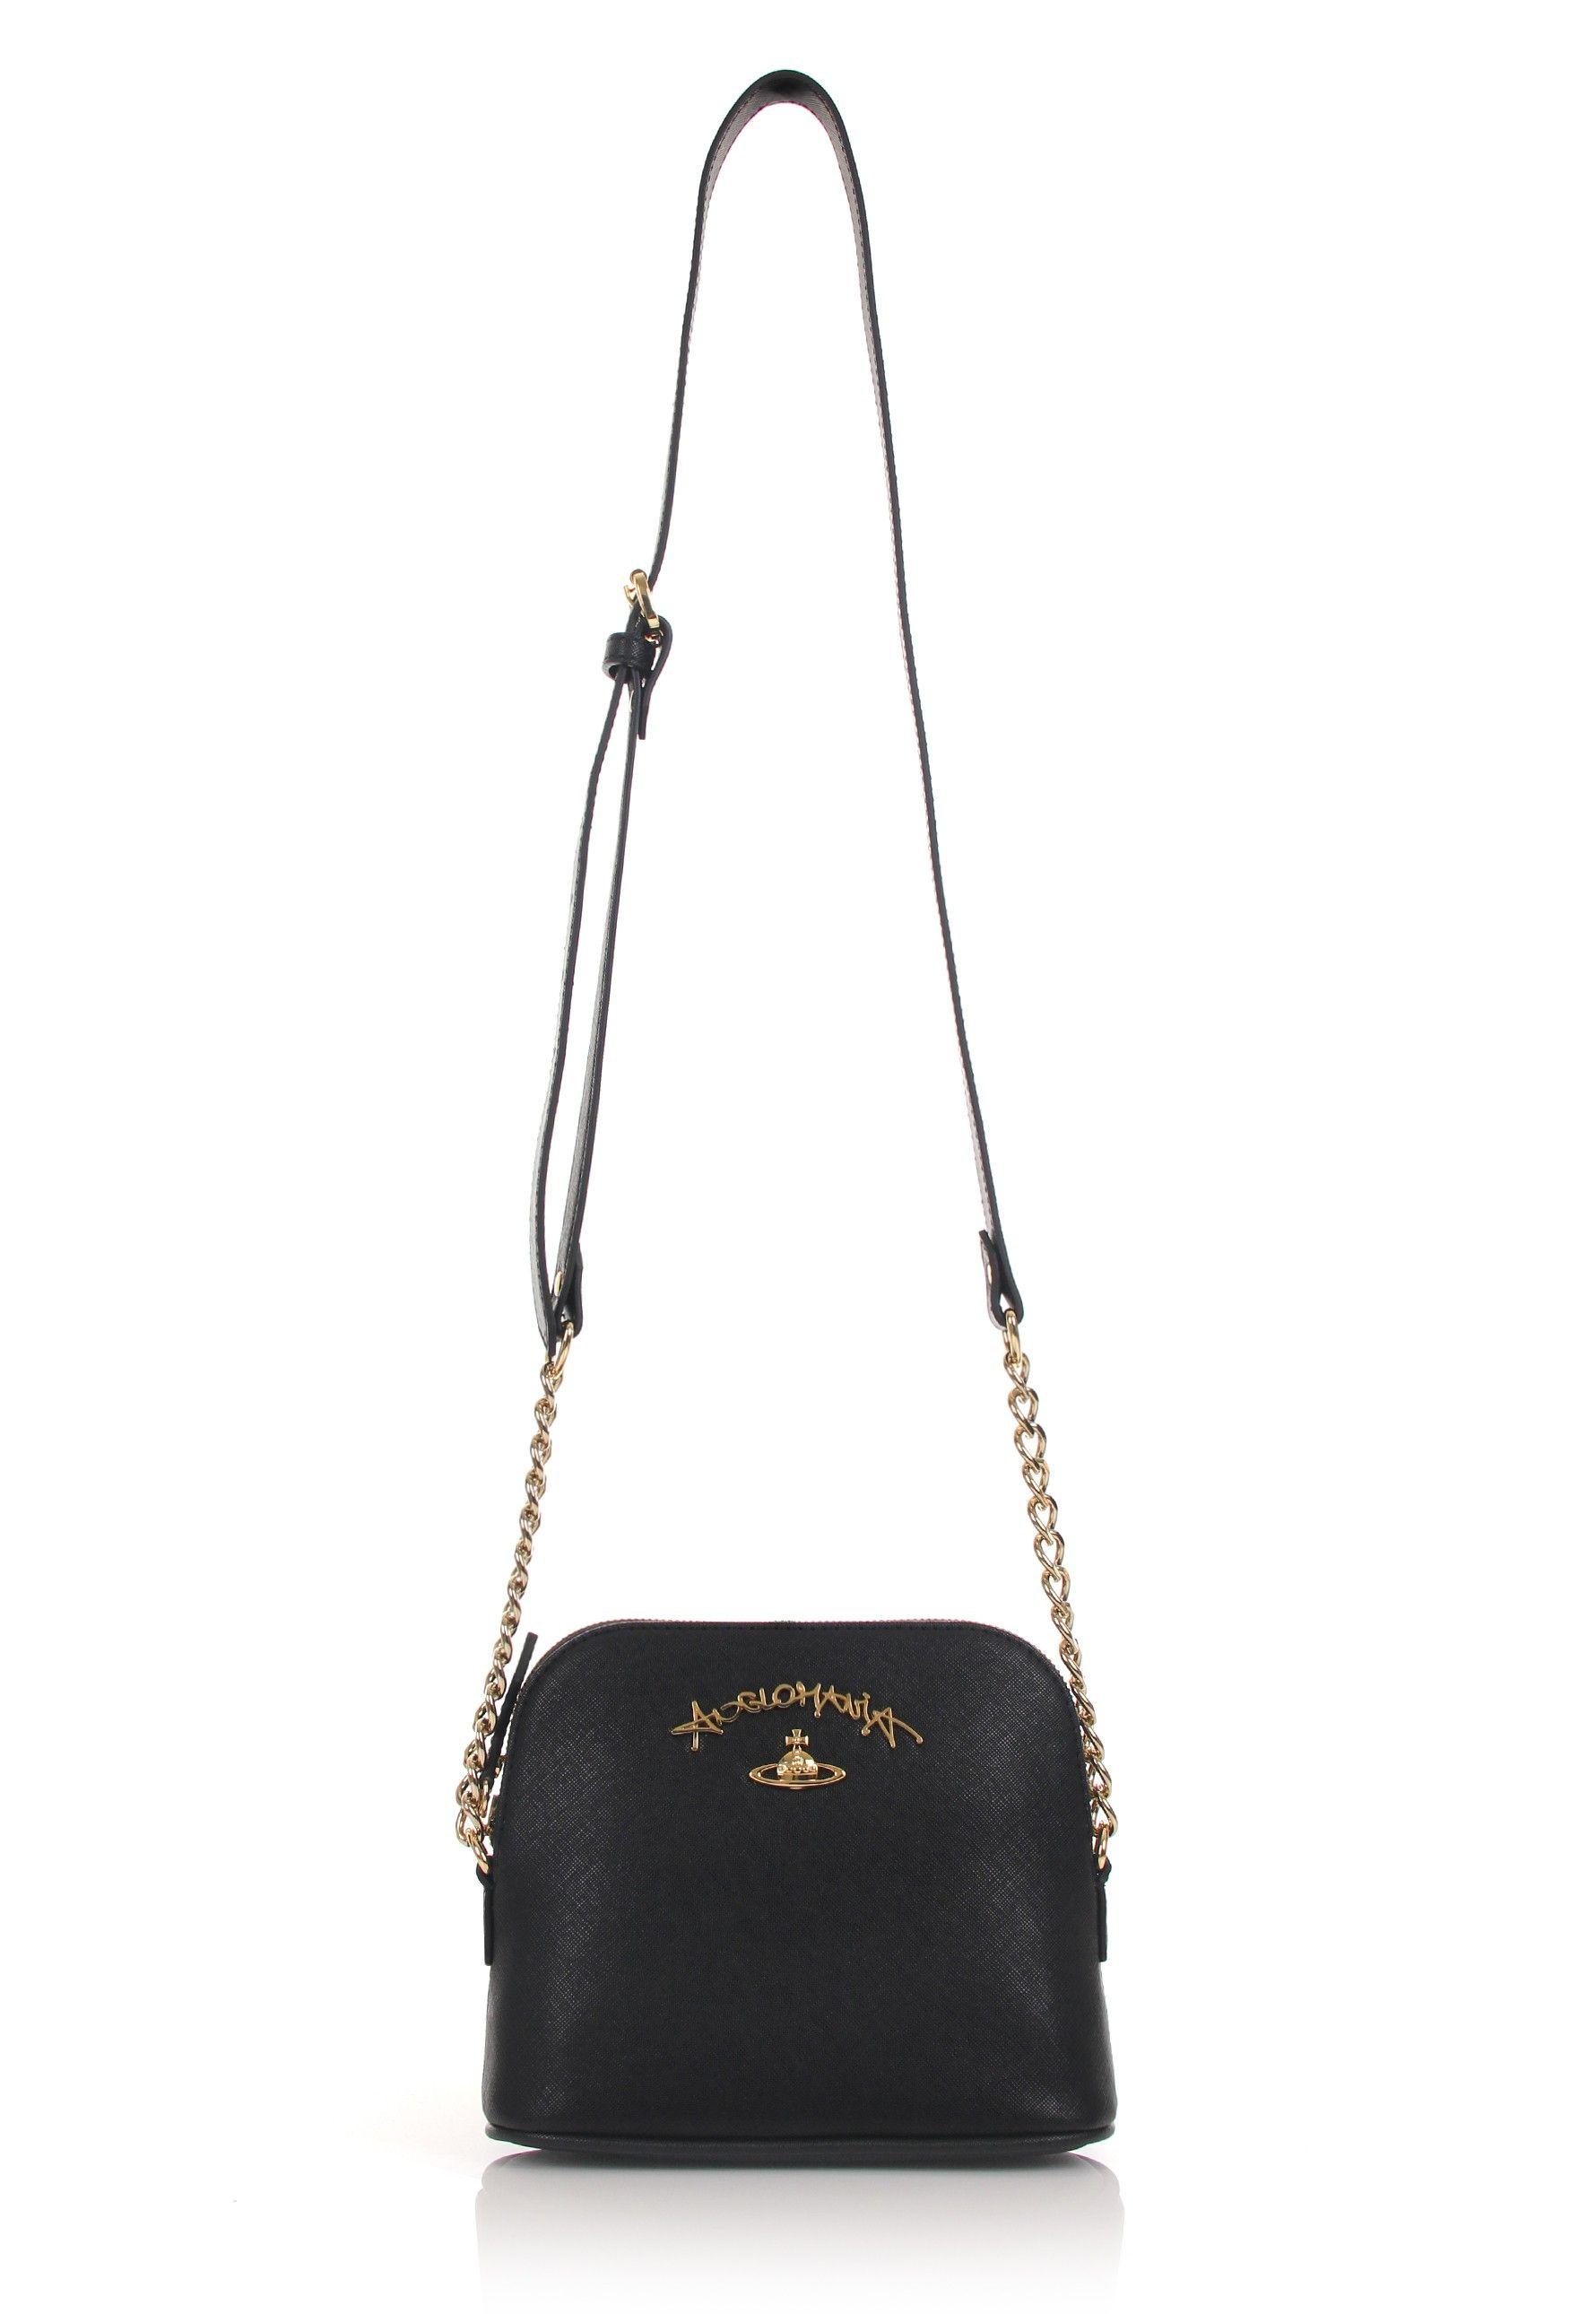 d4131e4bf Vivienne Westwood Divina 7280 Crossbody Bag in black. Vivienne Westwood's  new Divina crossbody bag is